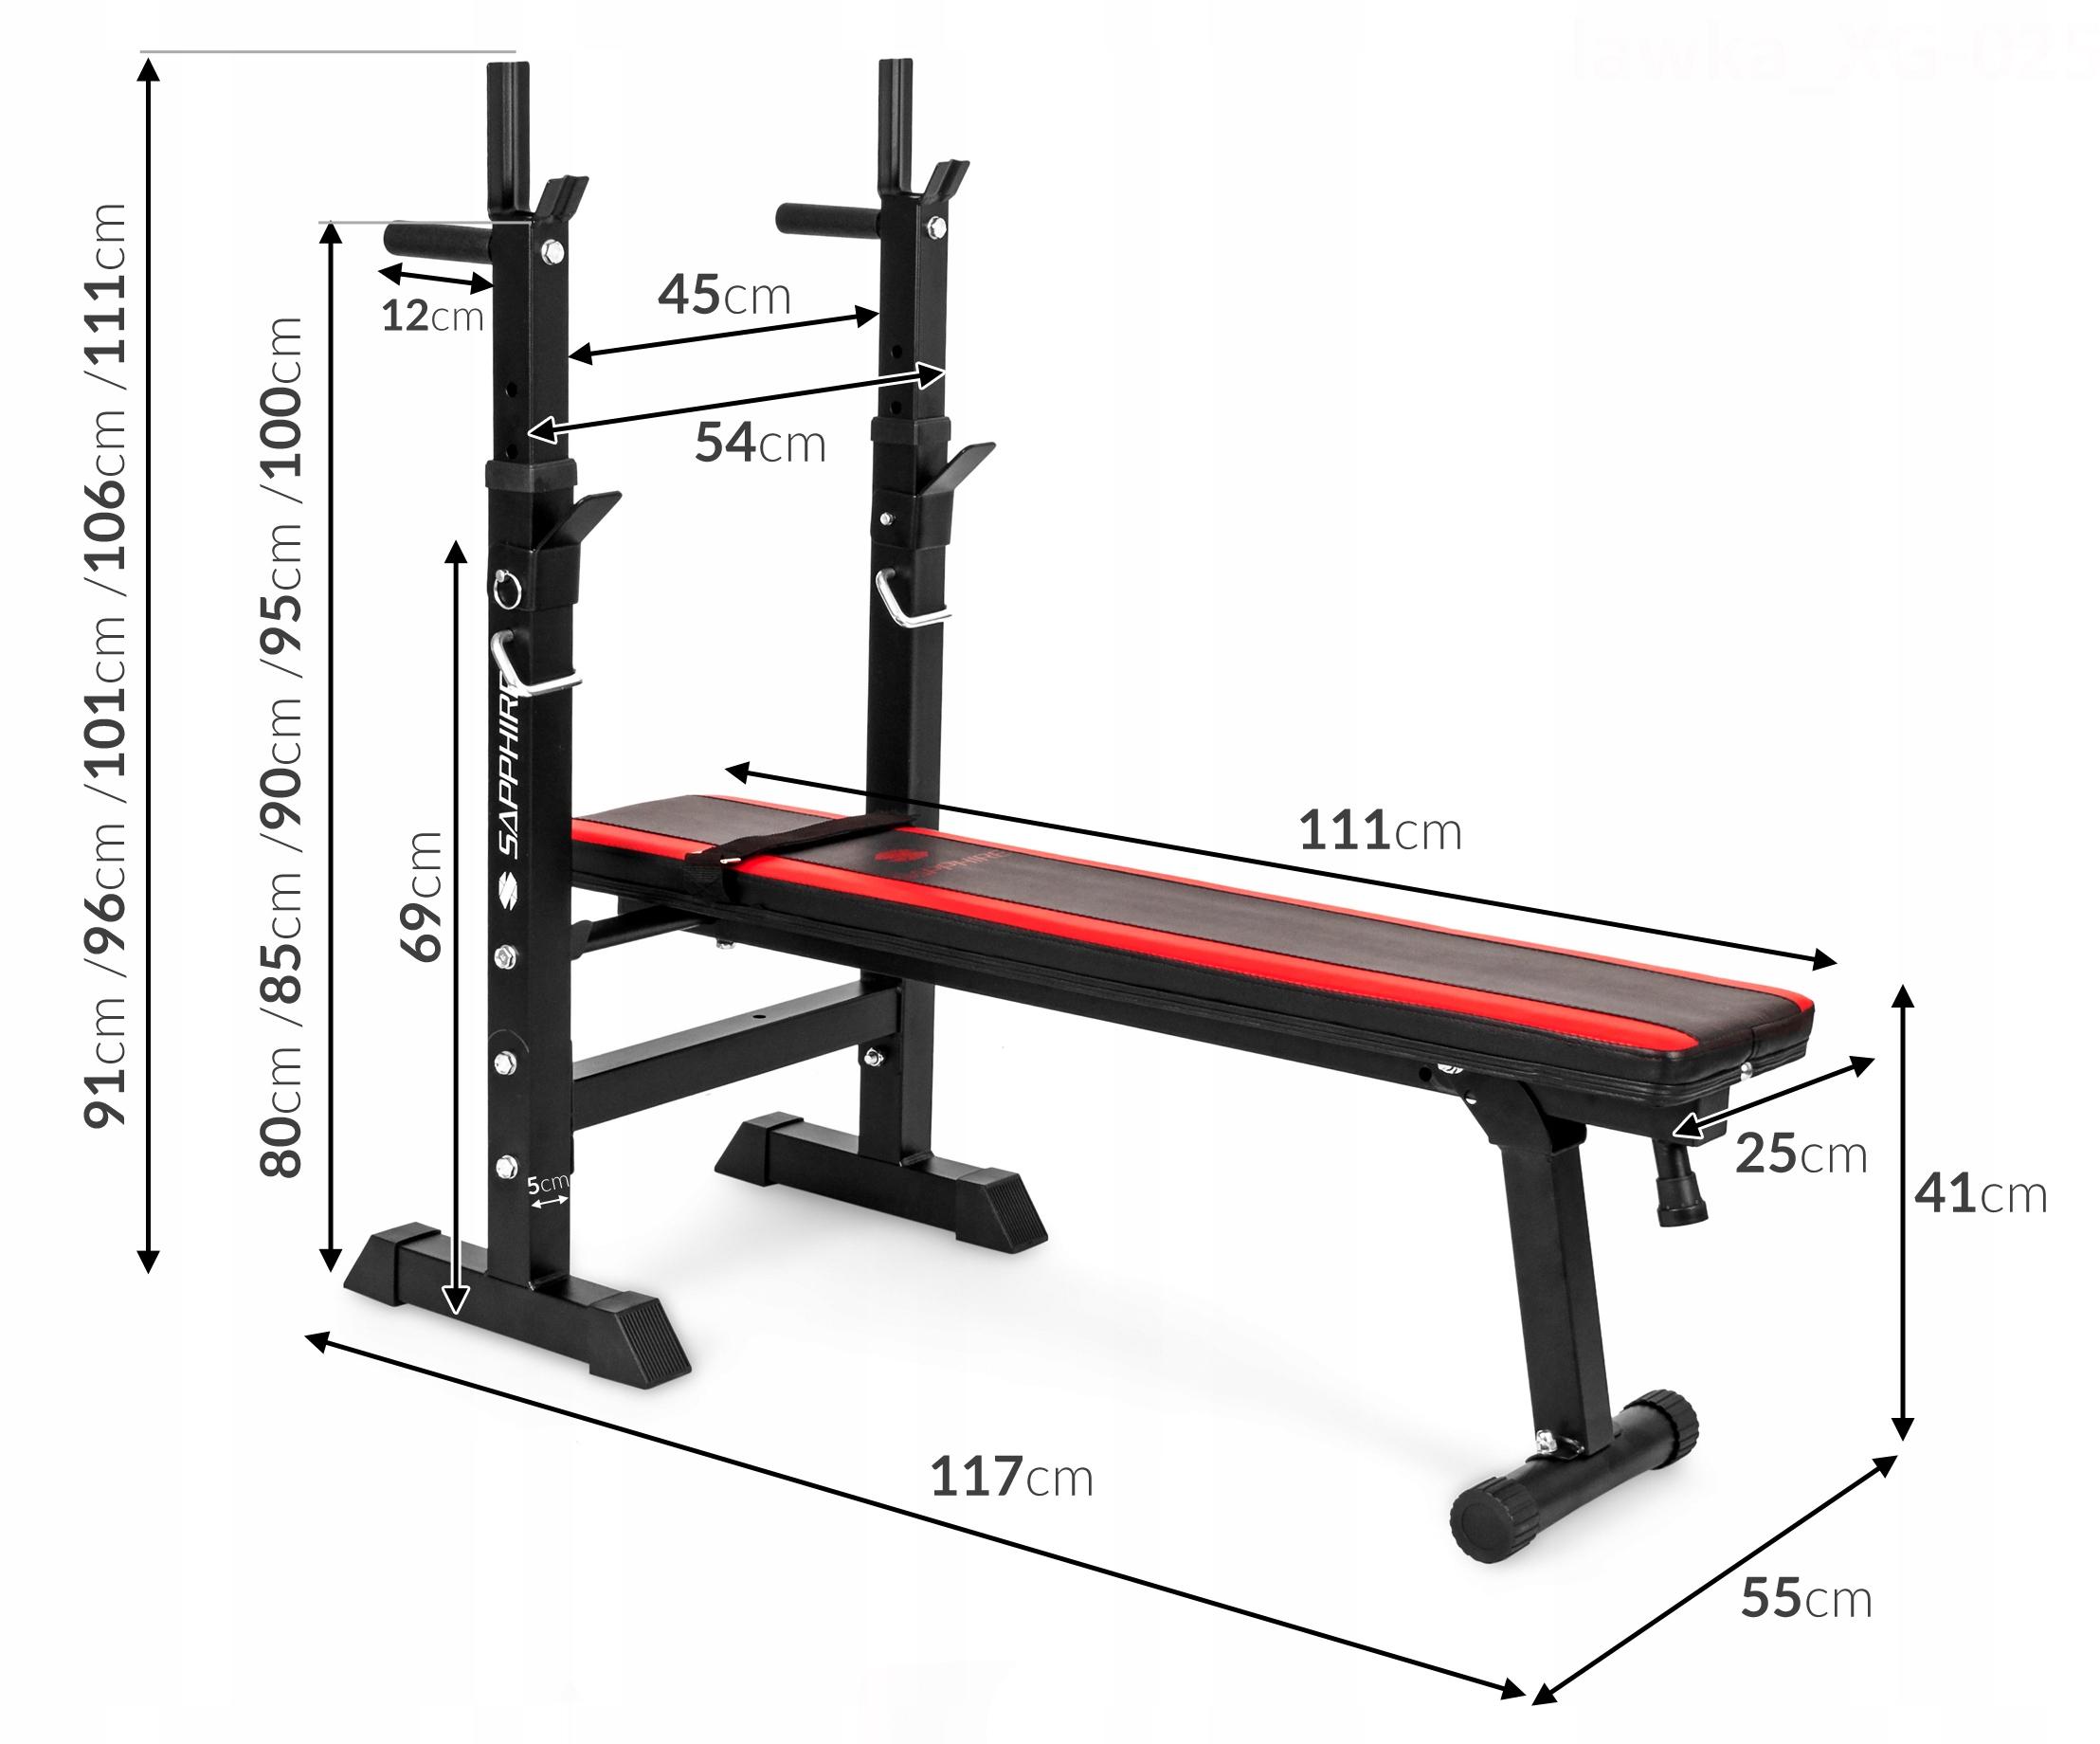 XYLO siłownia 56 kg zestaw ŁAWKA+GRYF+OBCIĄŻENIA EAN 5903228923074